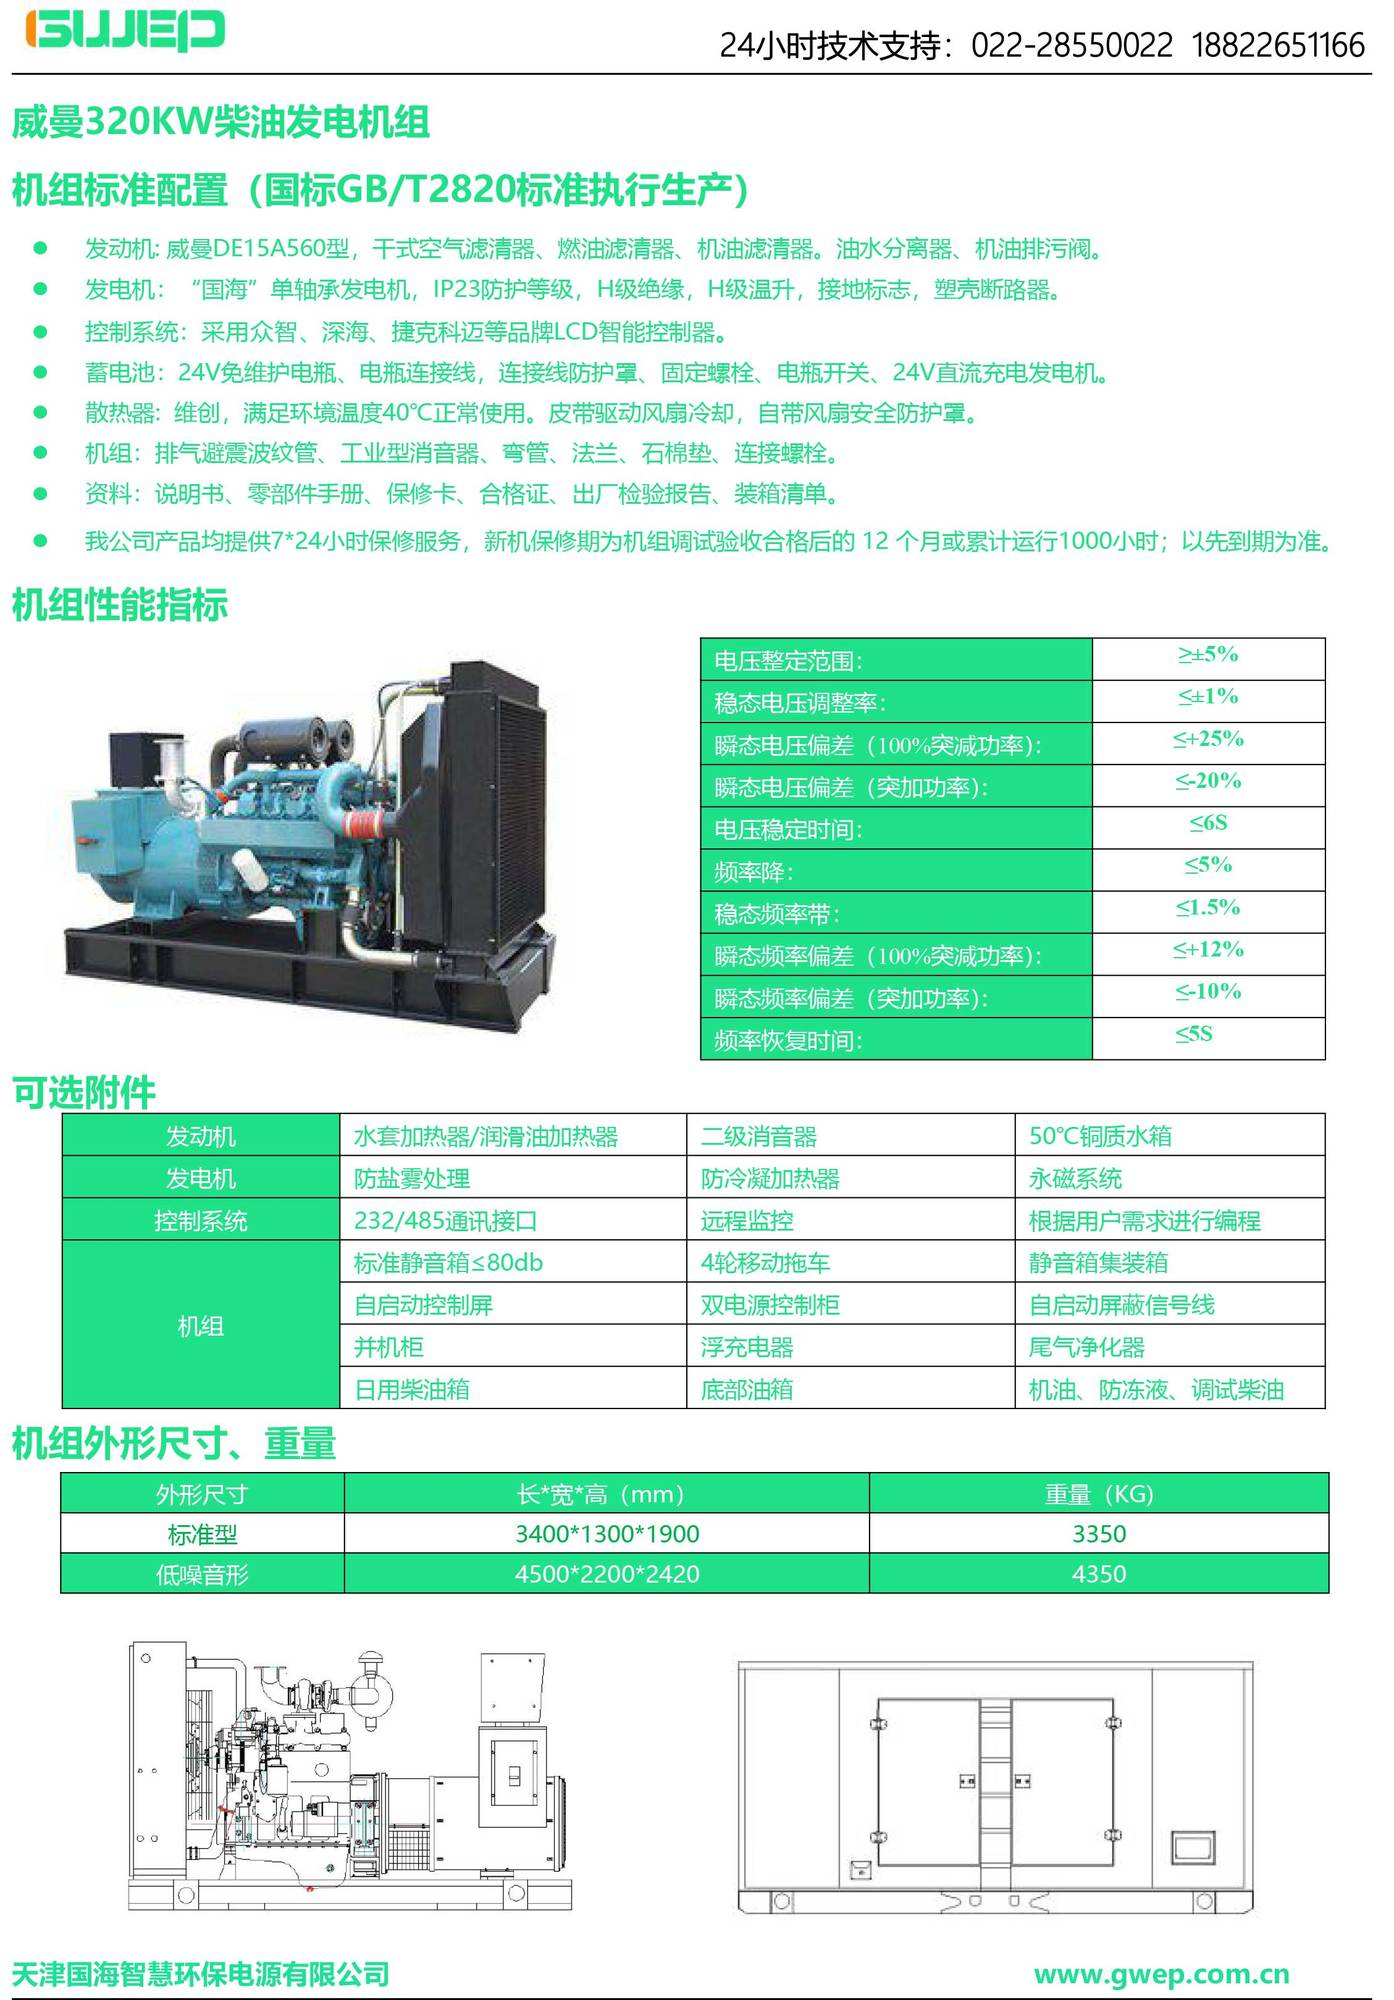 威曼320KW发电机组技术资料-1.jpg